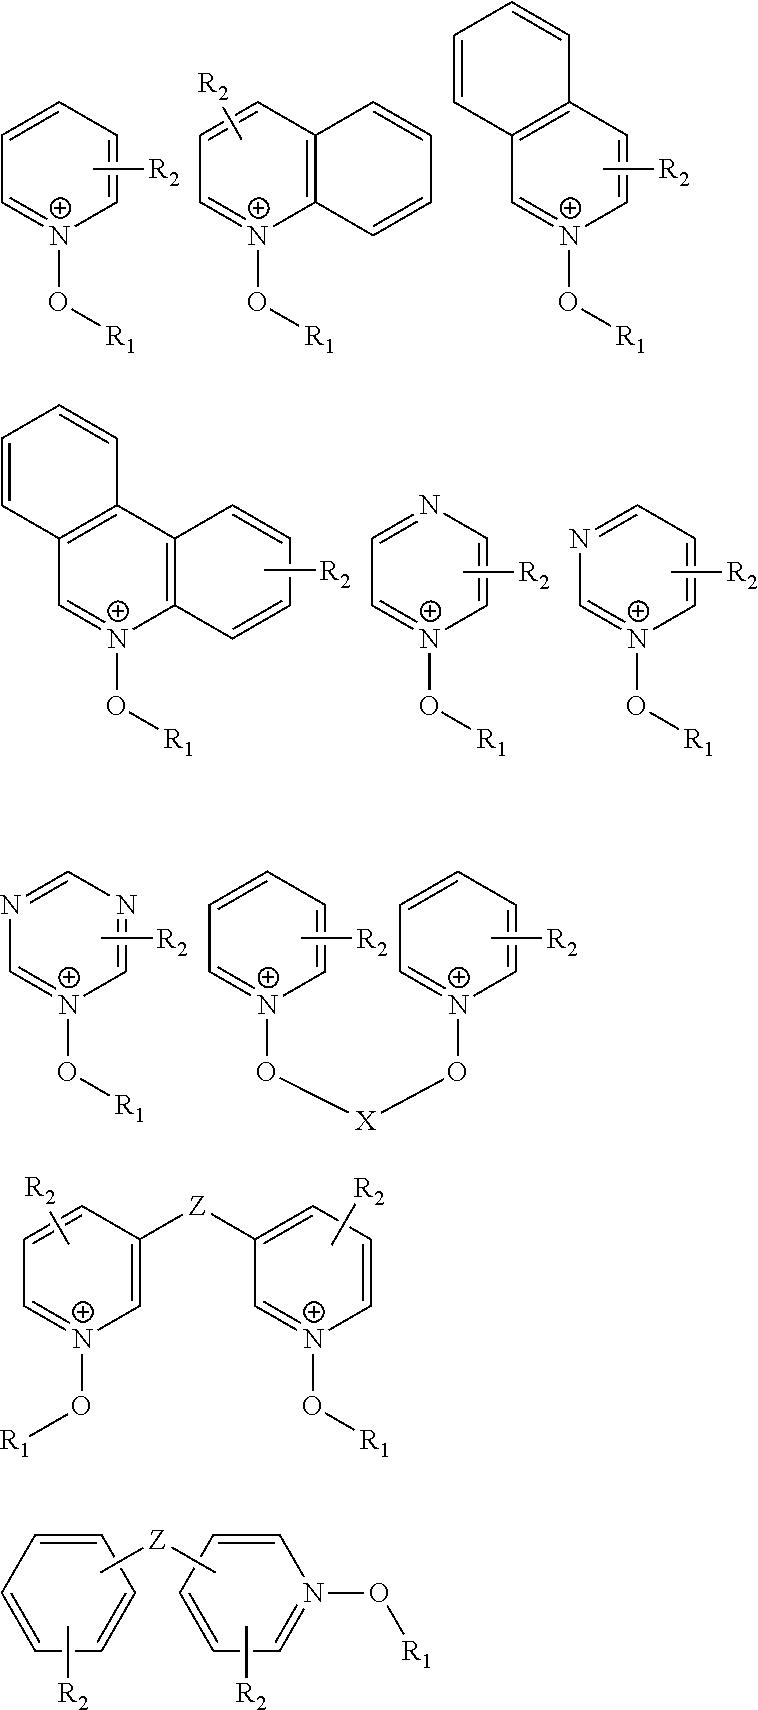 Figure US20150126637A1-20150507-C00025